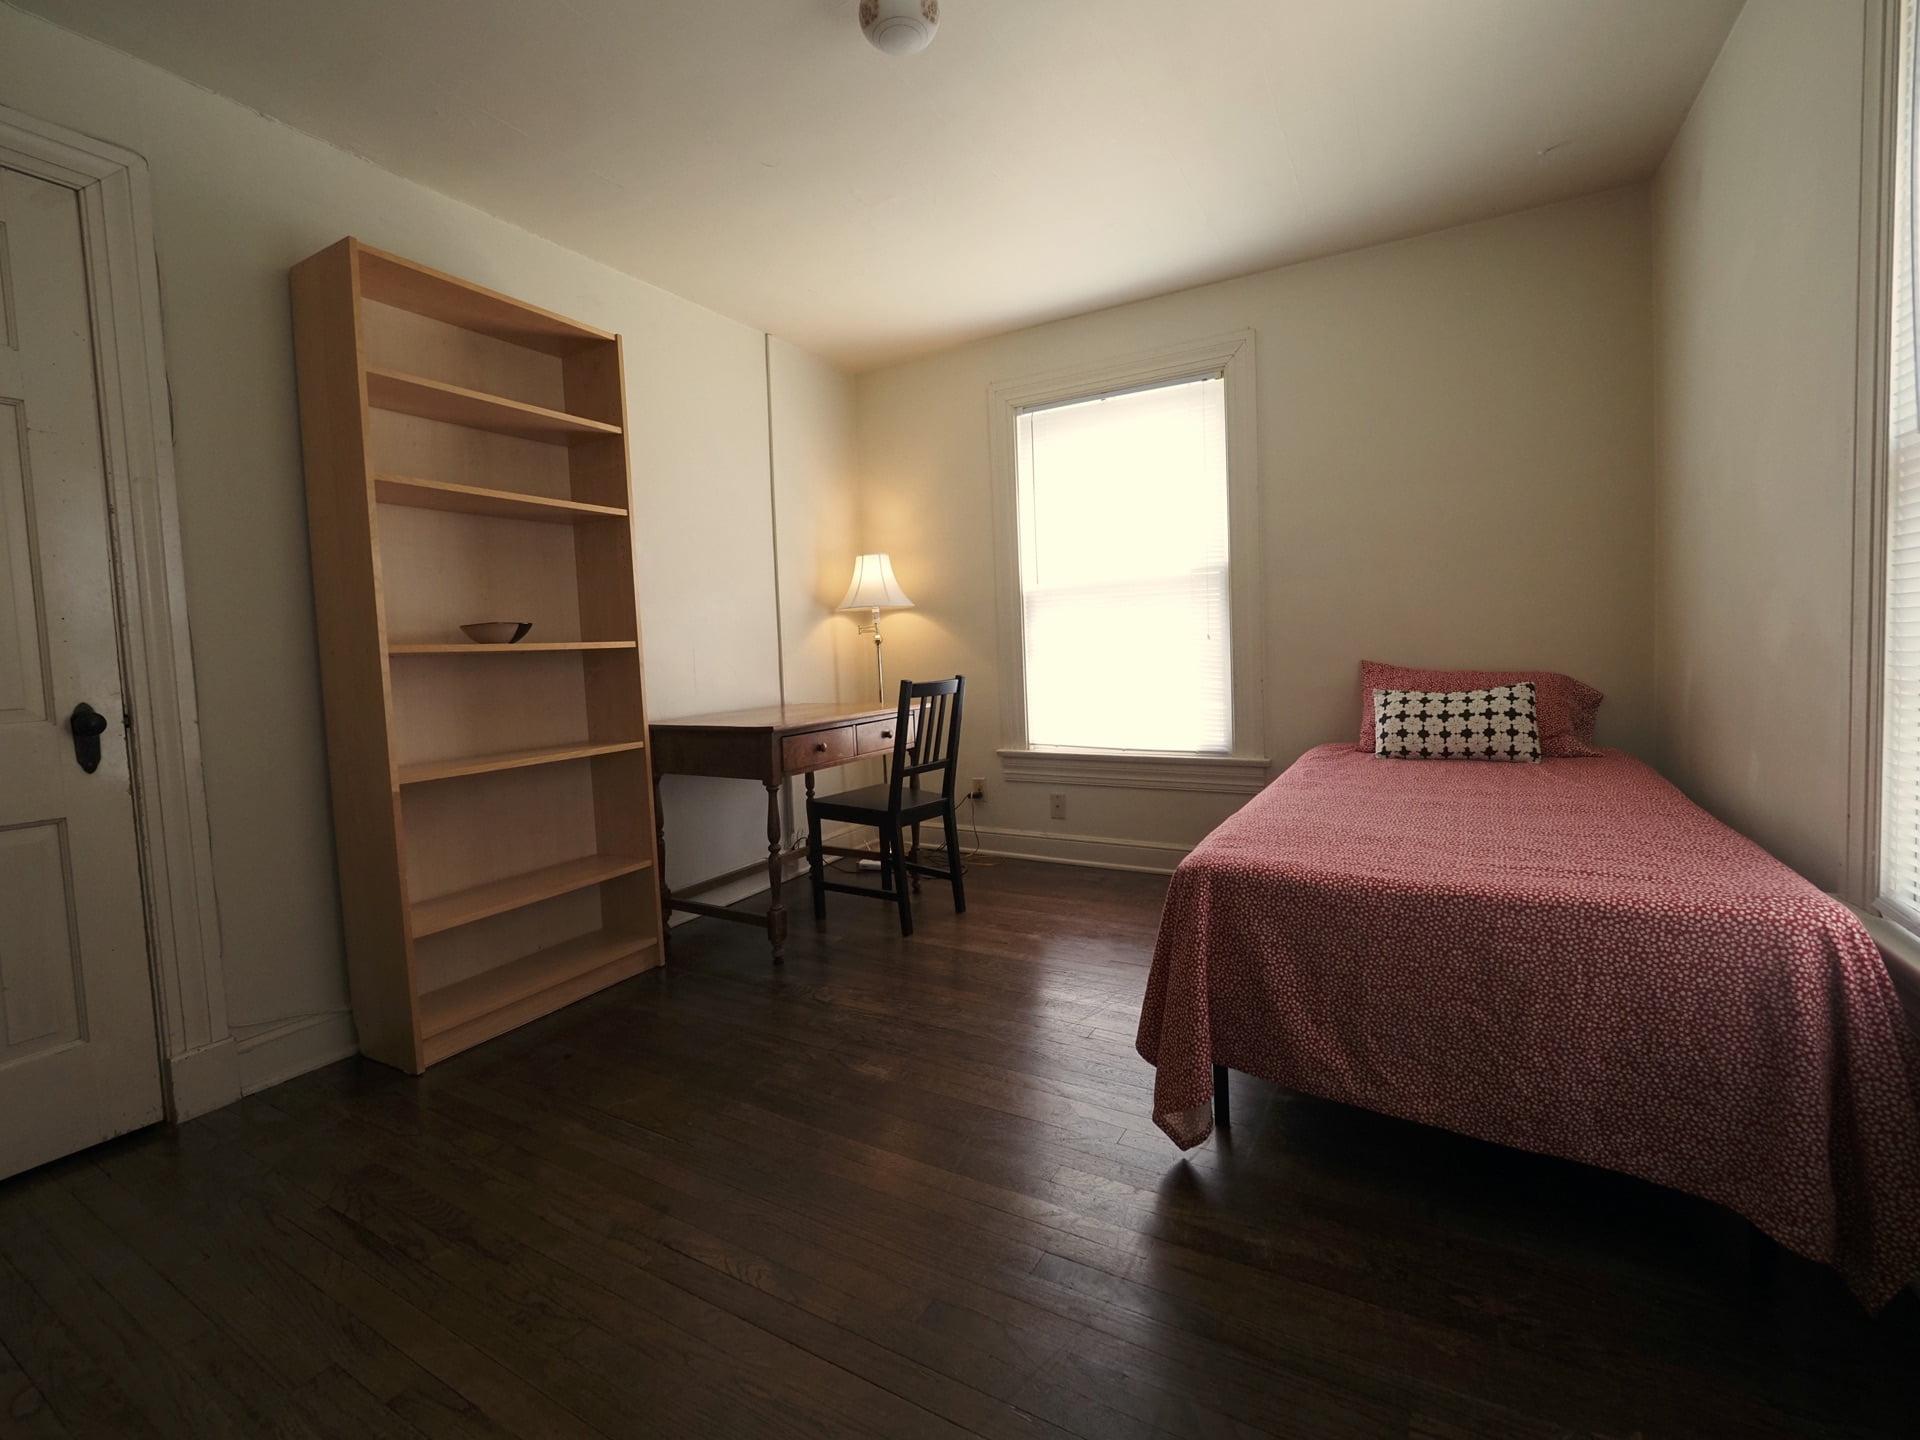 326 Room 21